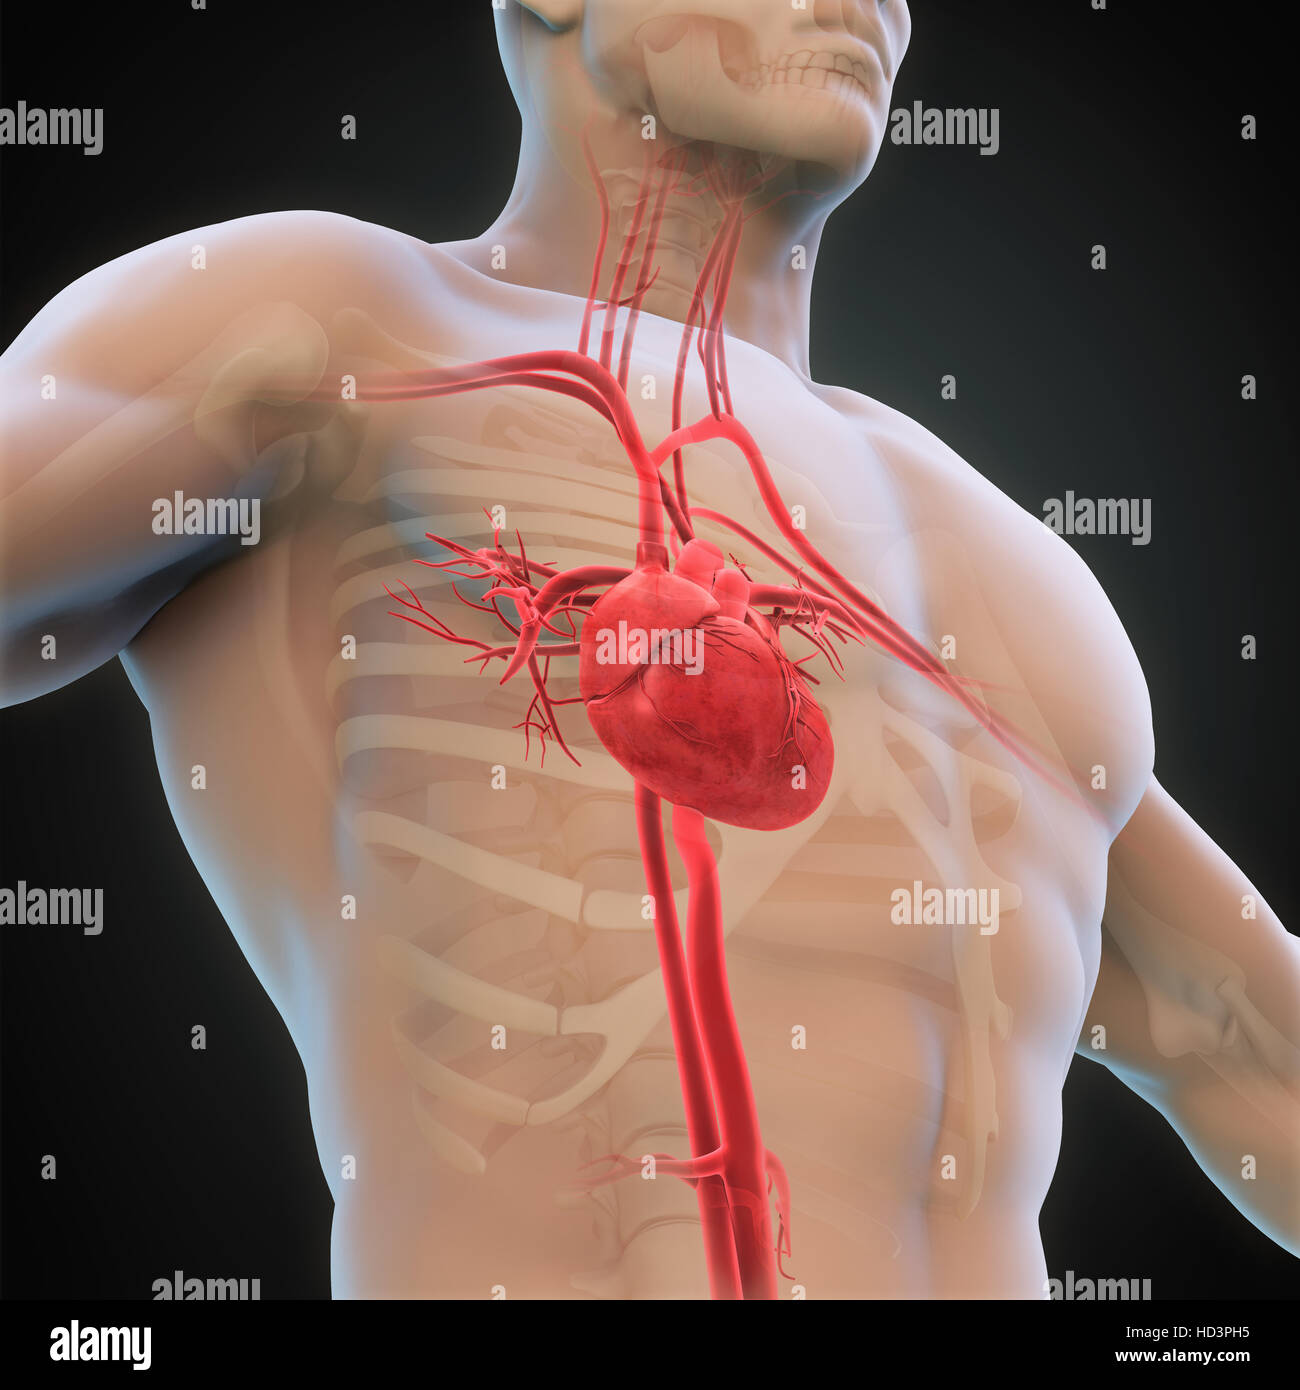 Schön Anatomie Und Physiologie Des Menschlichen Herzens Fotos ...